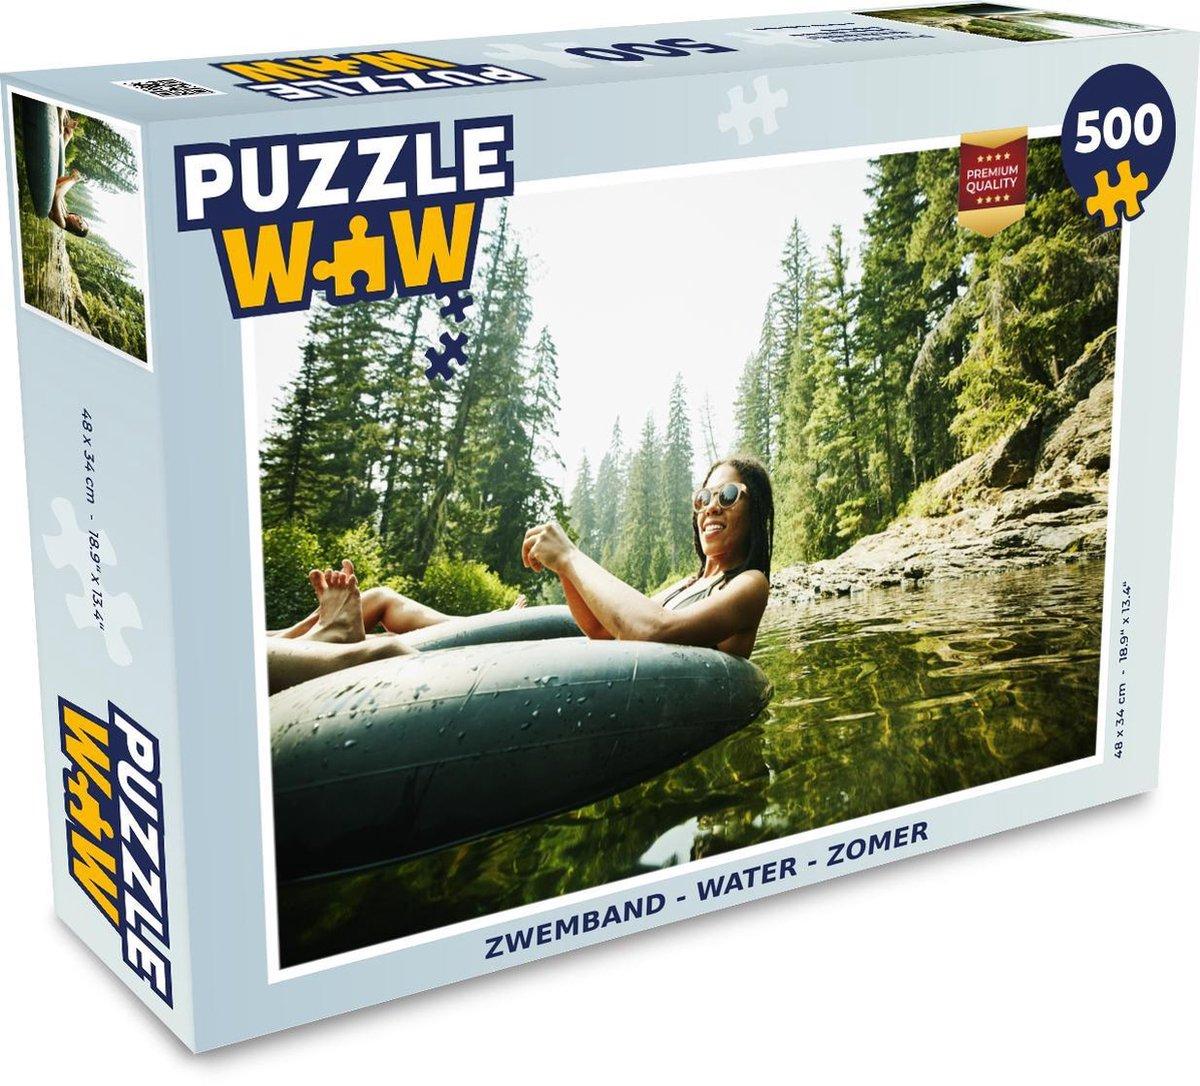 Puzzel - 500 stukjes - Zwemband - Water - Zomer